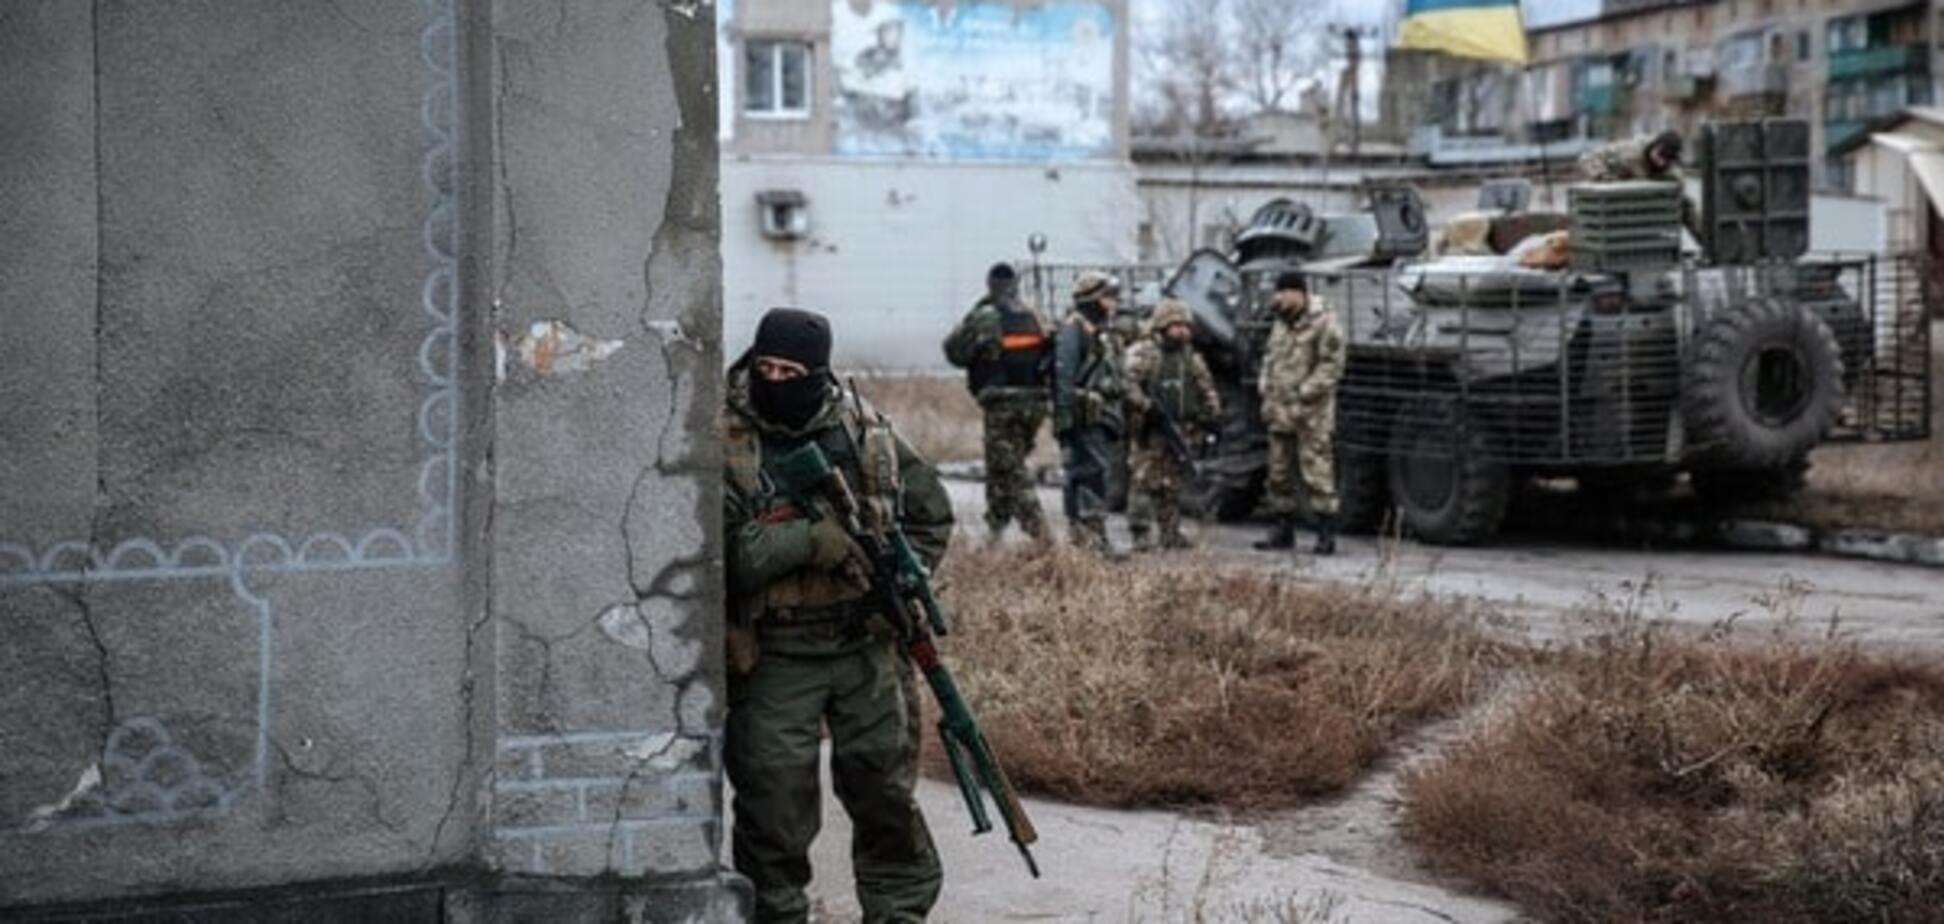 Это уже серьезно: Голышев рассказал, как 'легко и просто' закончится война на Донбассе